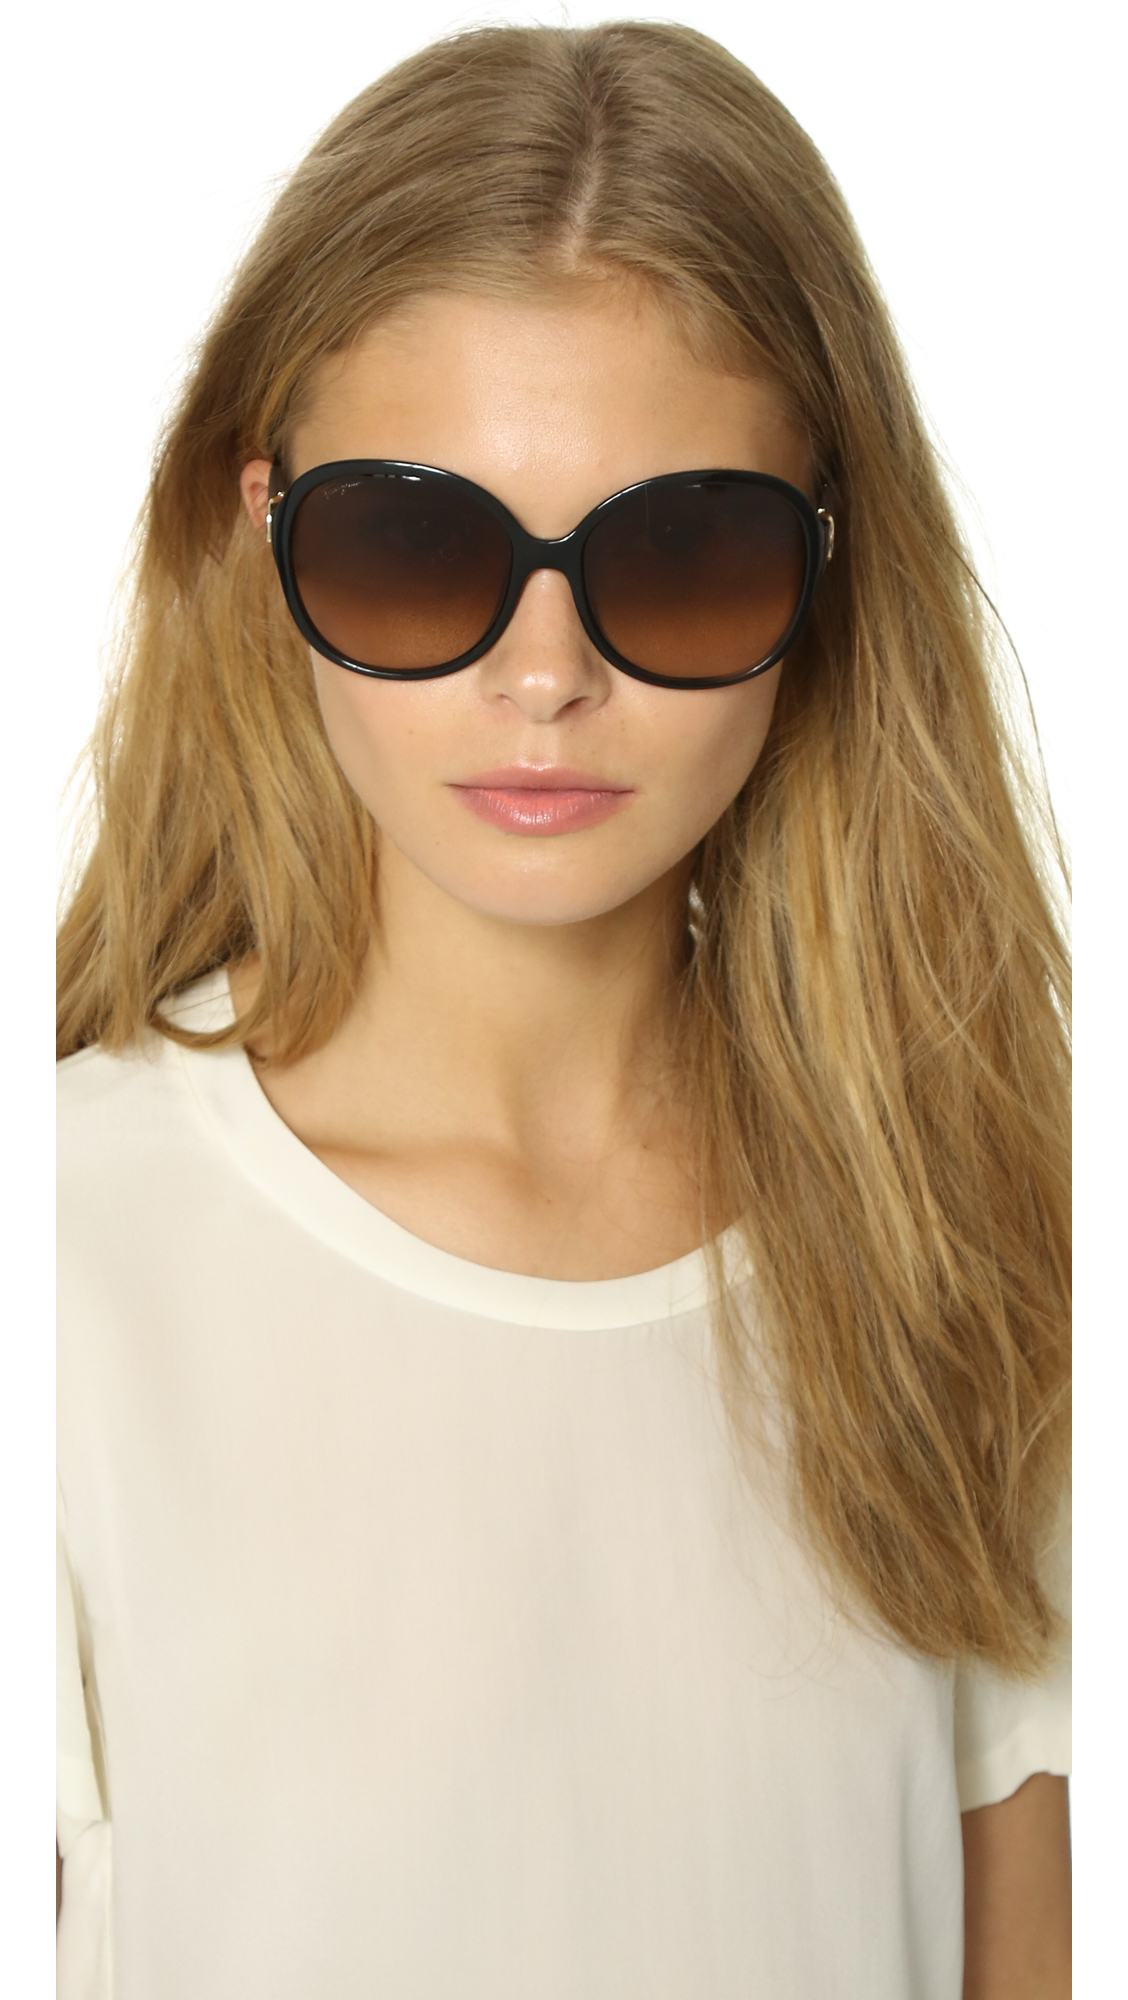 302950d4bc4 Lyst - Ferragamo Round Gancio Sunglasses in Black